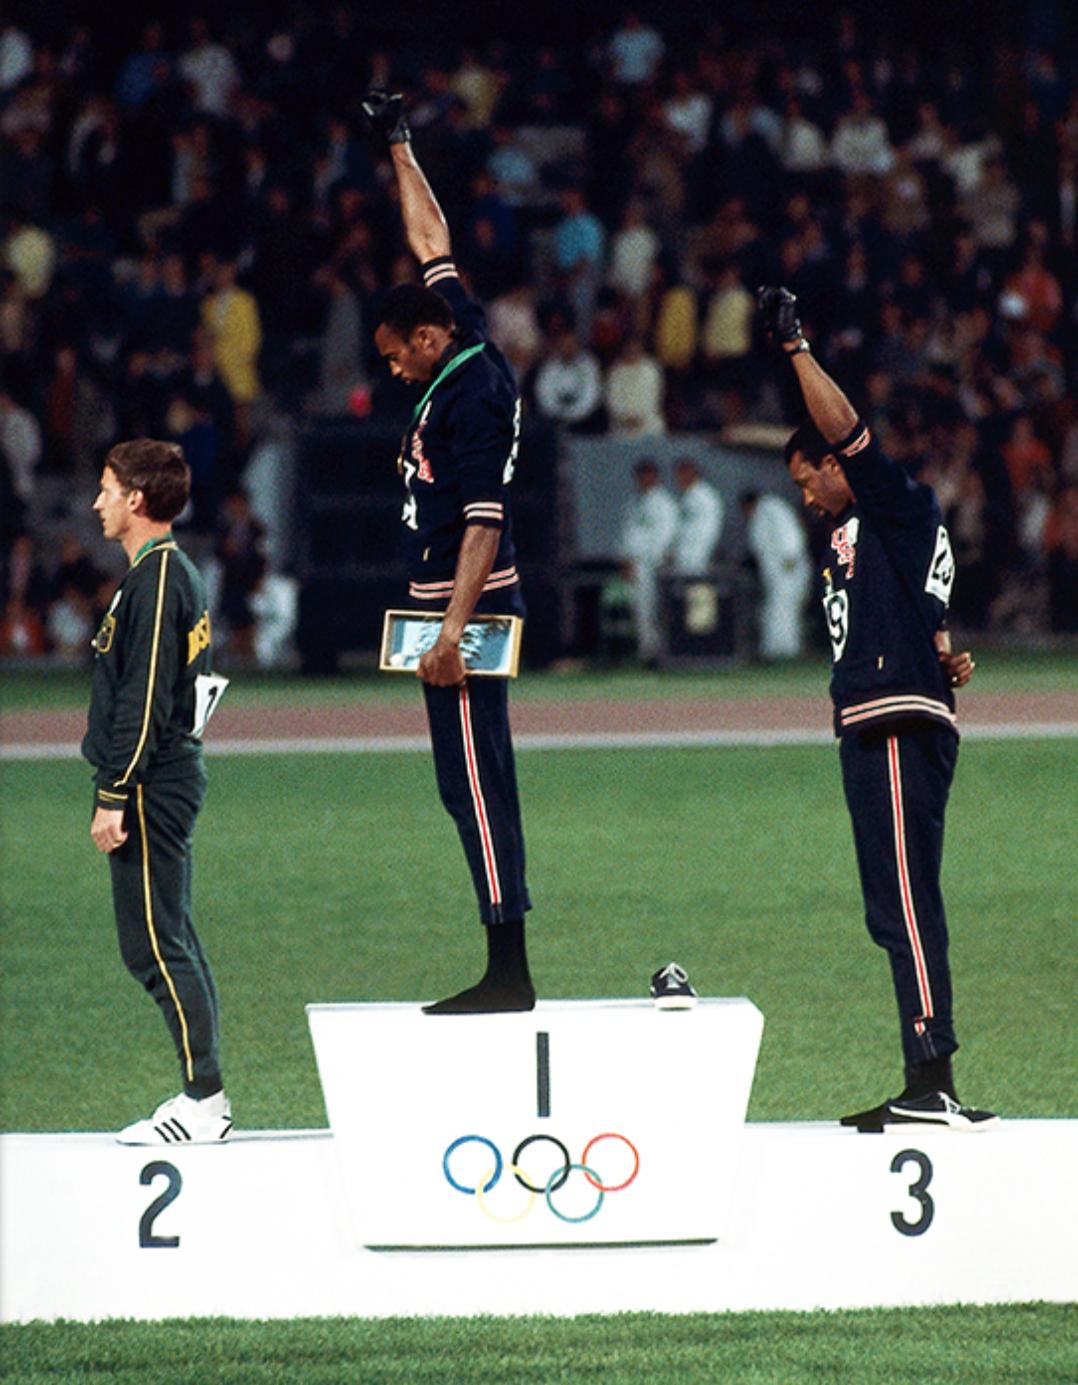 El podio más recordado de la historia - Las Merinadas Deportivas de Edu ee1e04383b19e